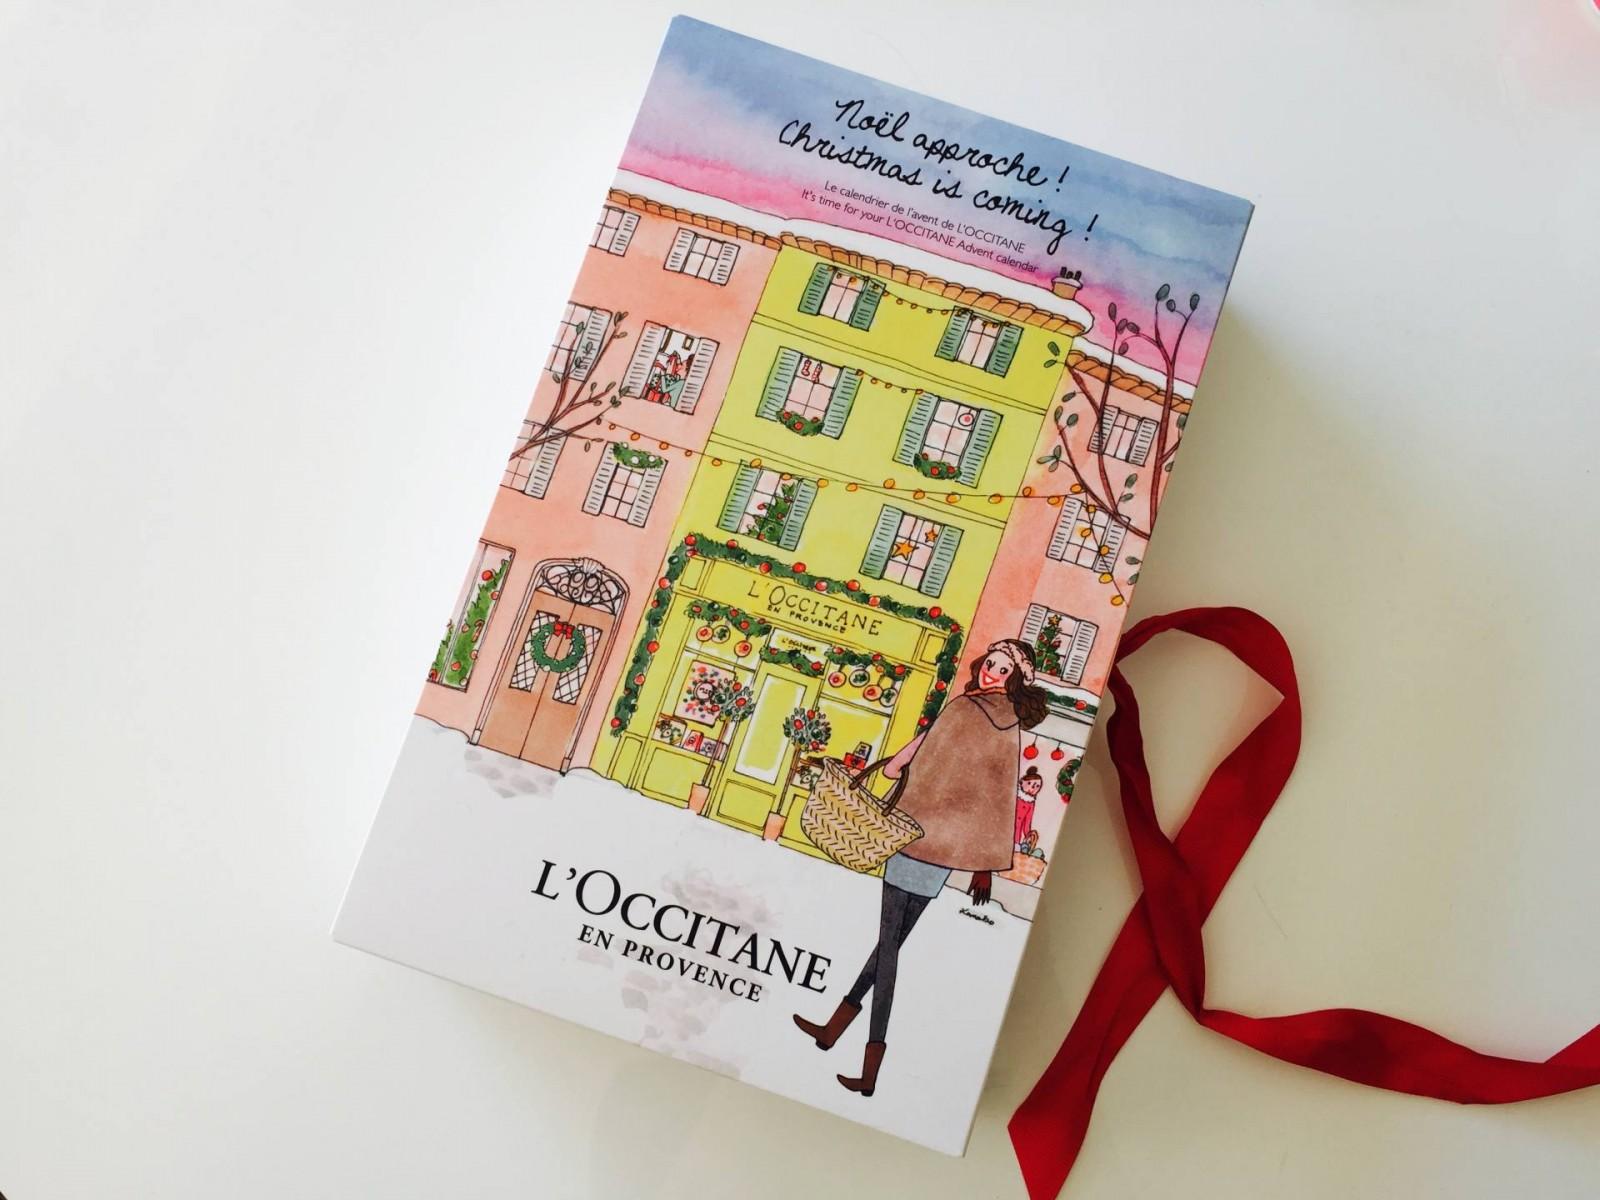 Calendrier De L Avant Occitane.Le Calendrier De L Avent L Occitane 2016 Juste Maudinette